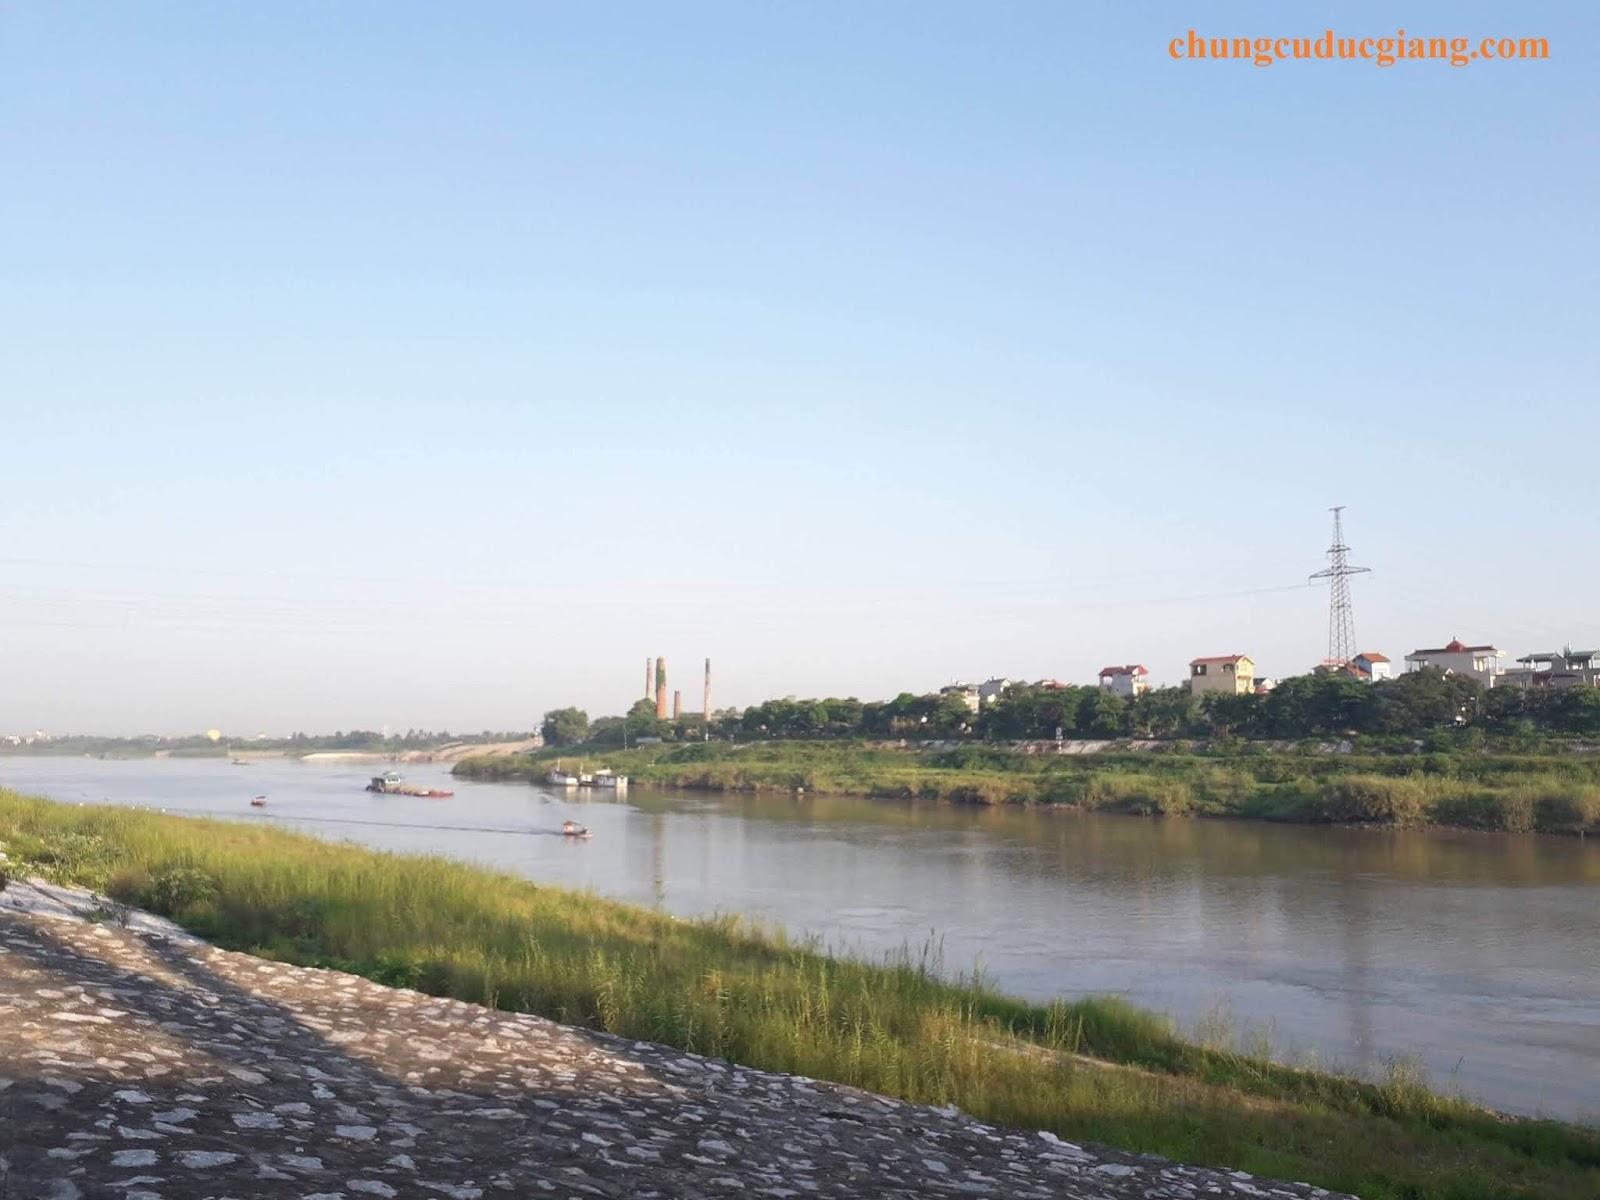 Cảnh đẹp thơ mộng của sông Đuống.